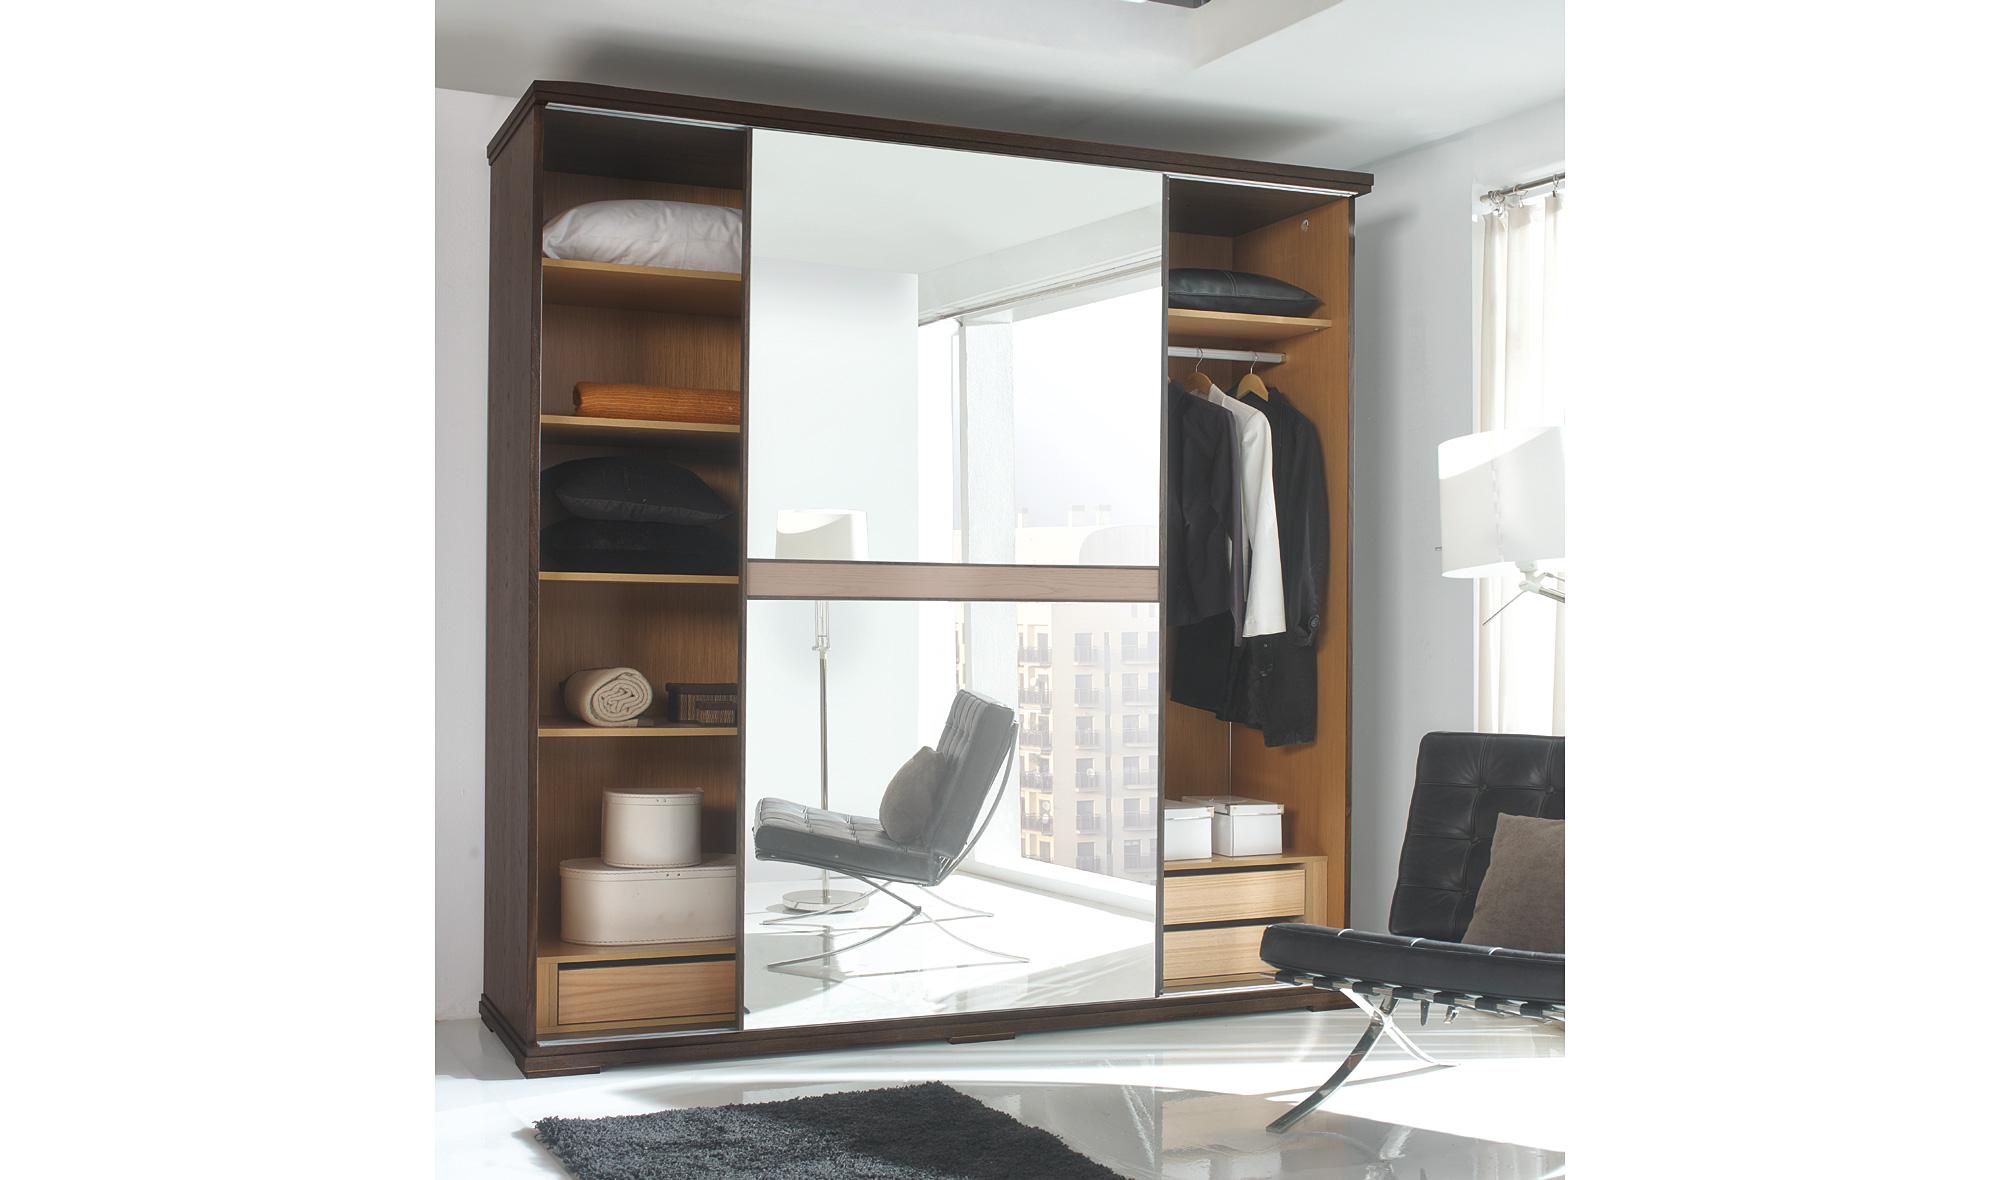 Armario 2 puertas espejo moderno volga en cosas de for Armario puerta espejo